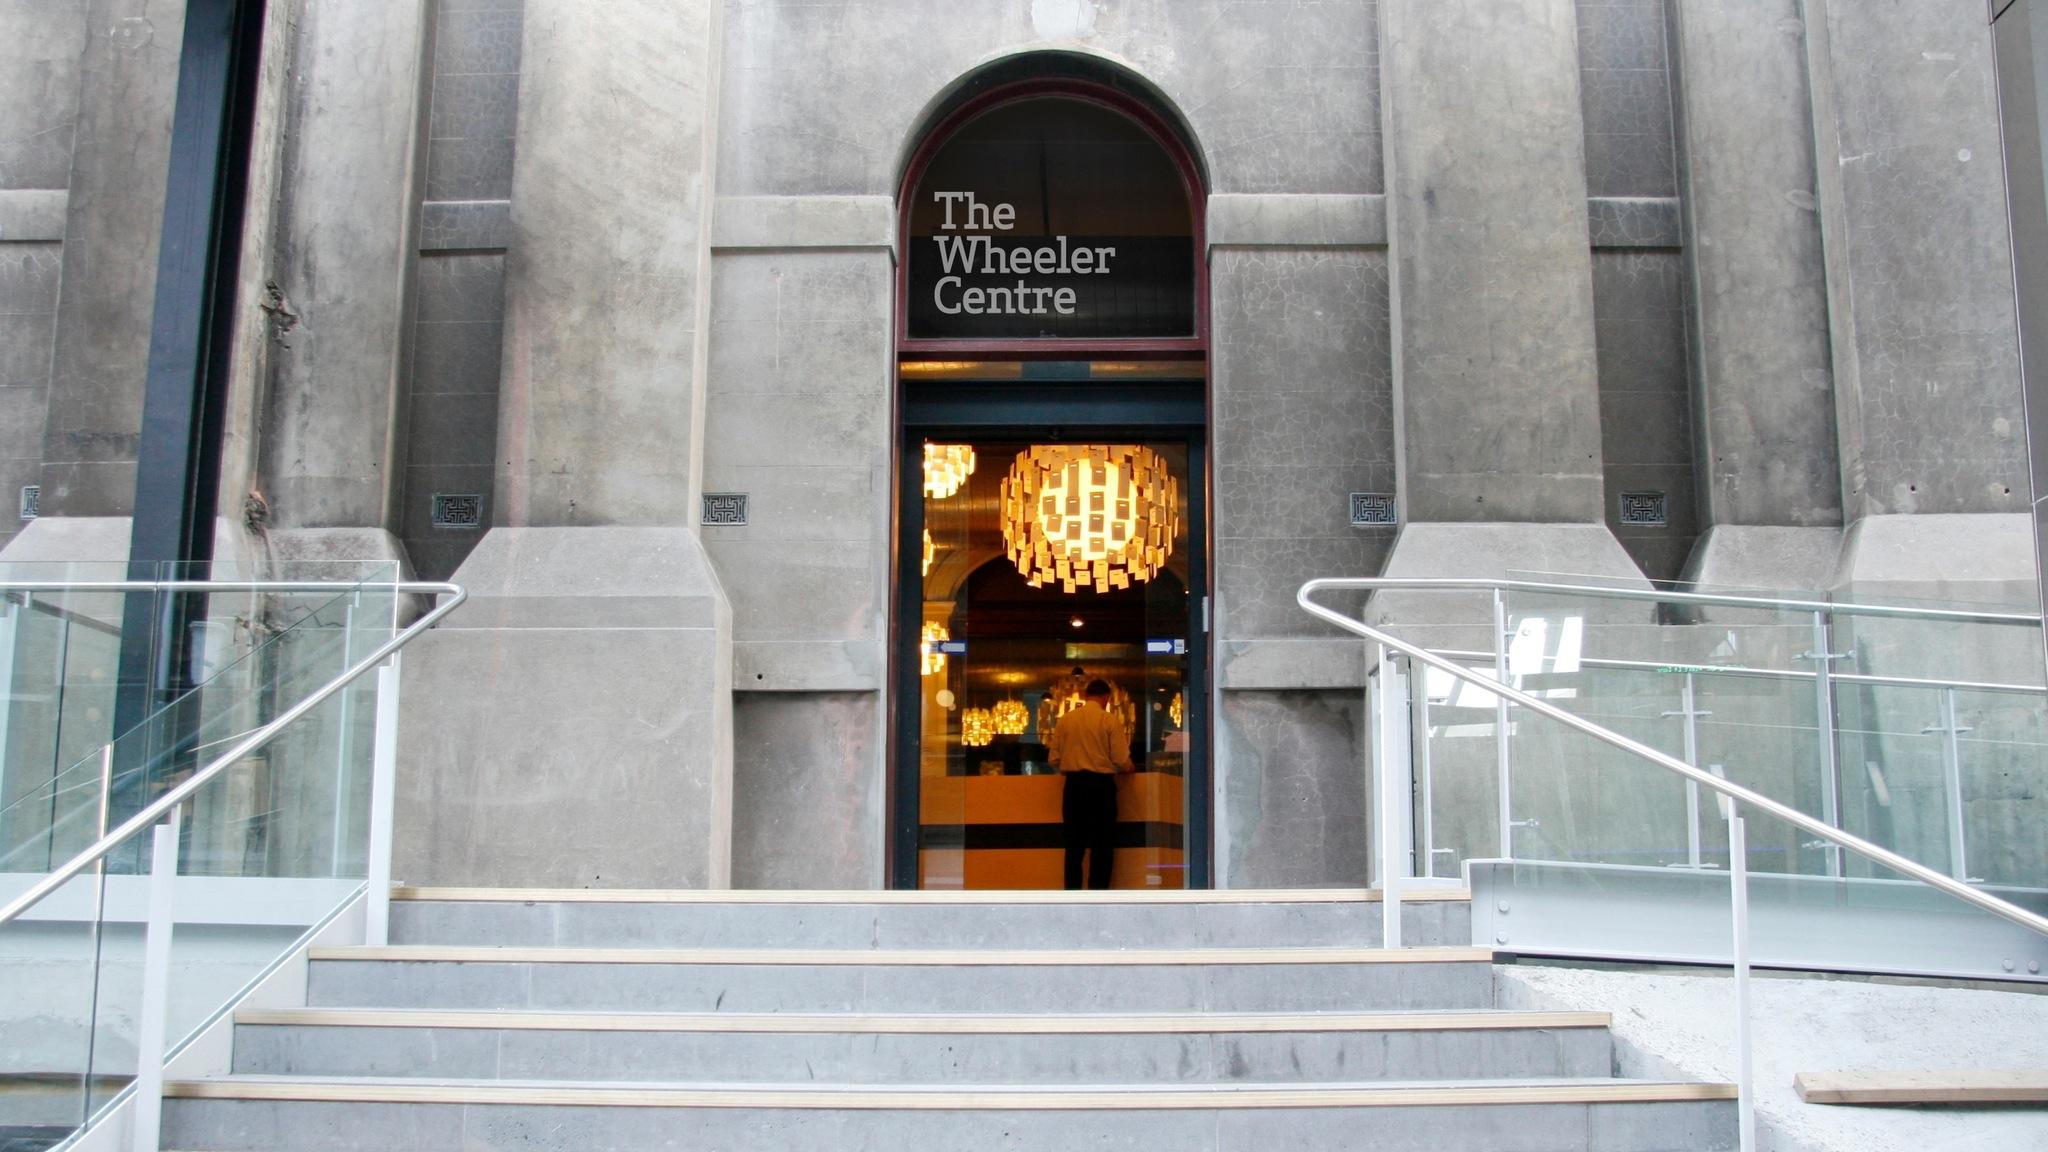 Wheeler Centre entrance